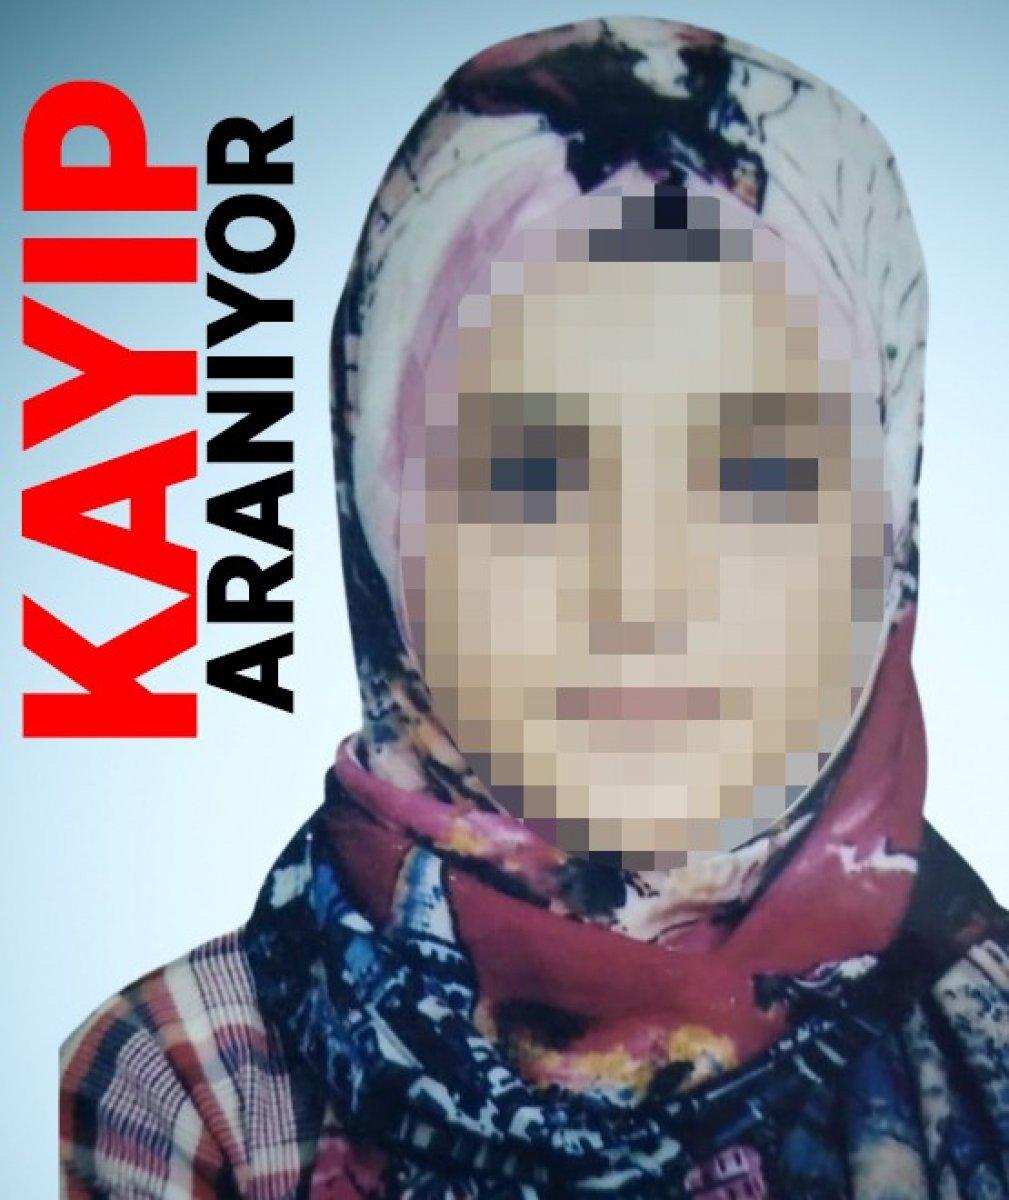 Kayseri de evli olan bir şahıs, sosyal medyadan tanıştığı kızı kaçırdı  #4